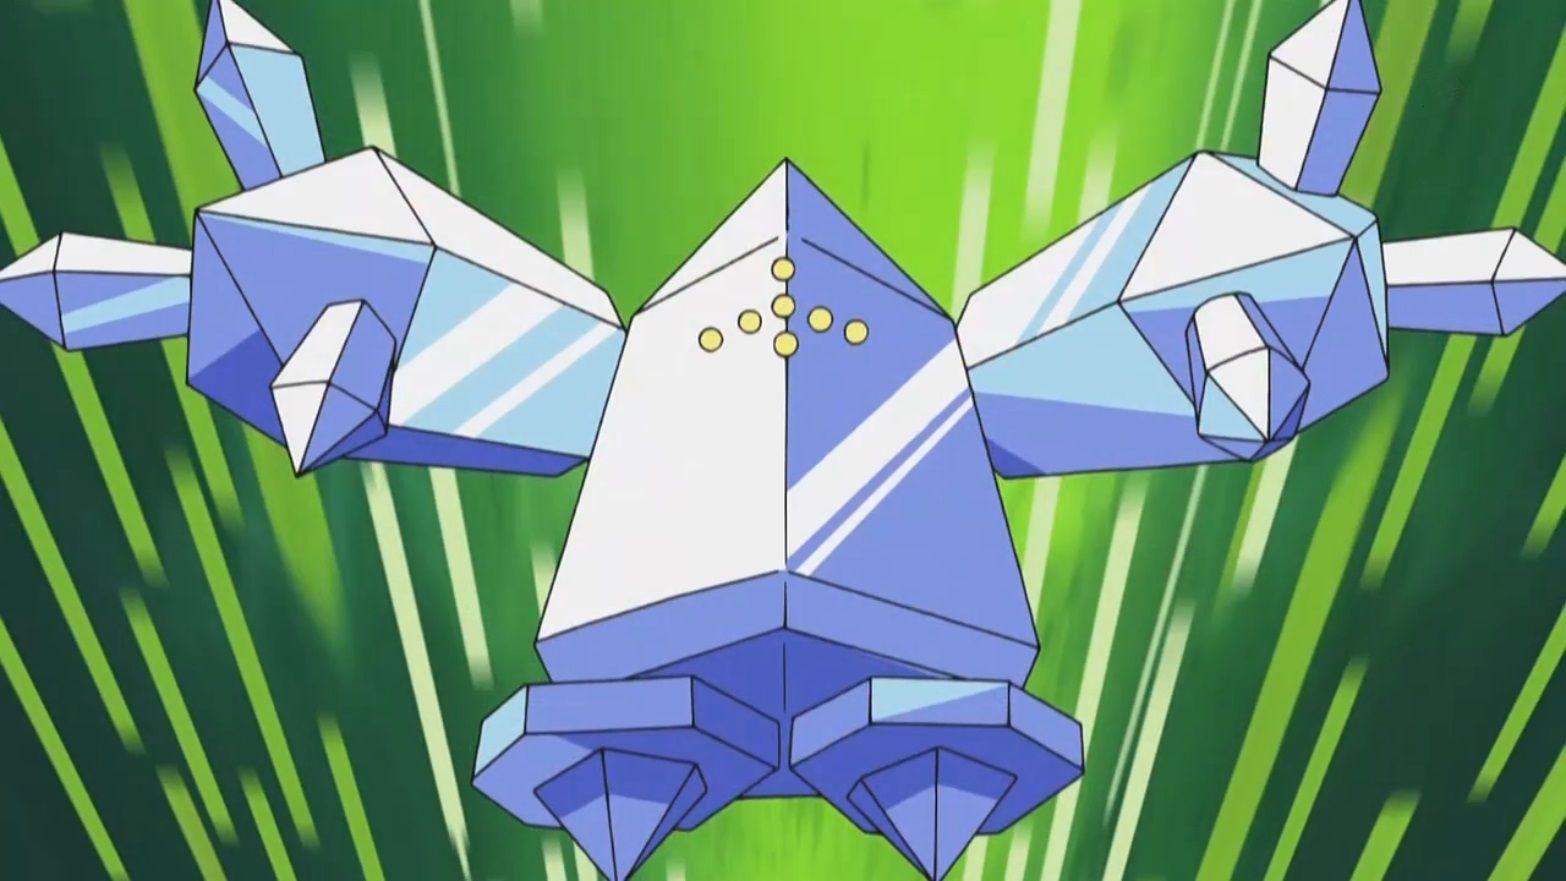 Brandon_Regice pokemon anime